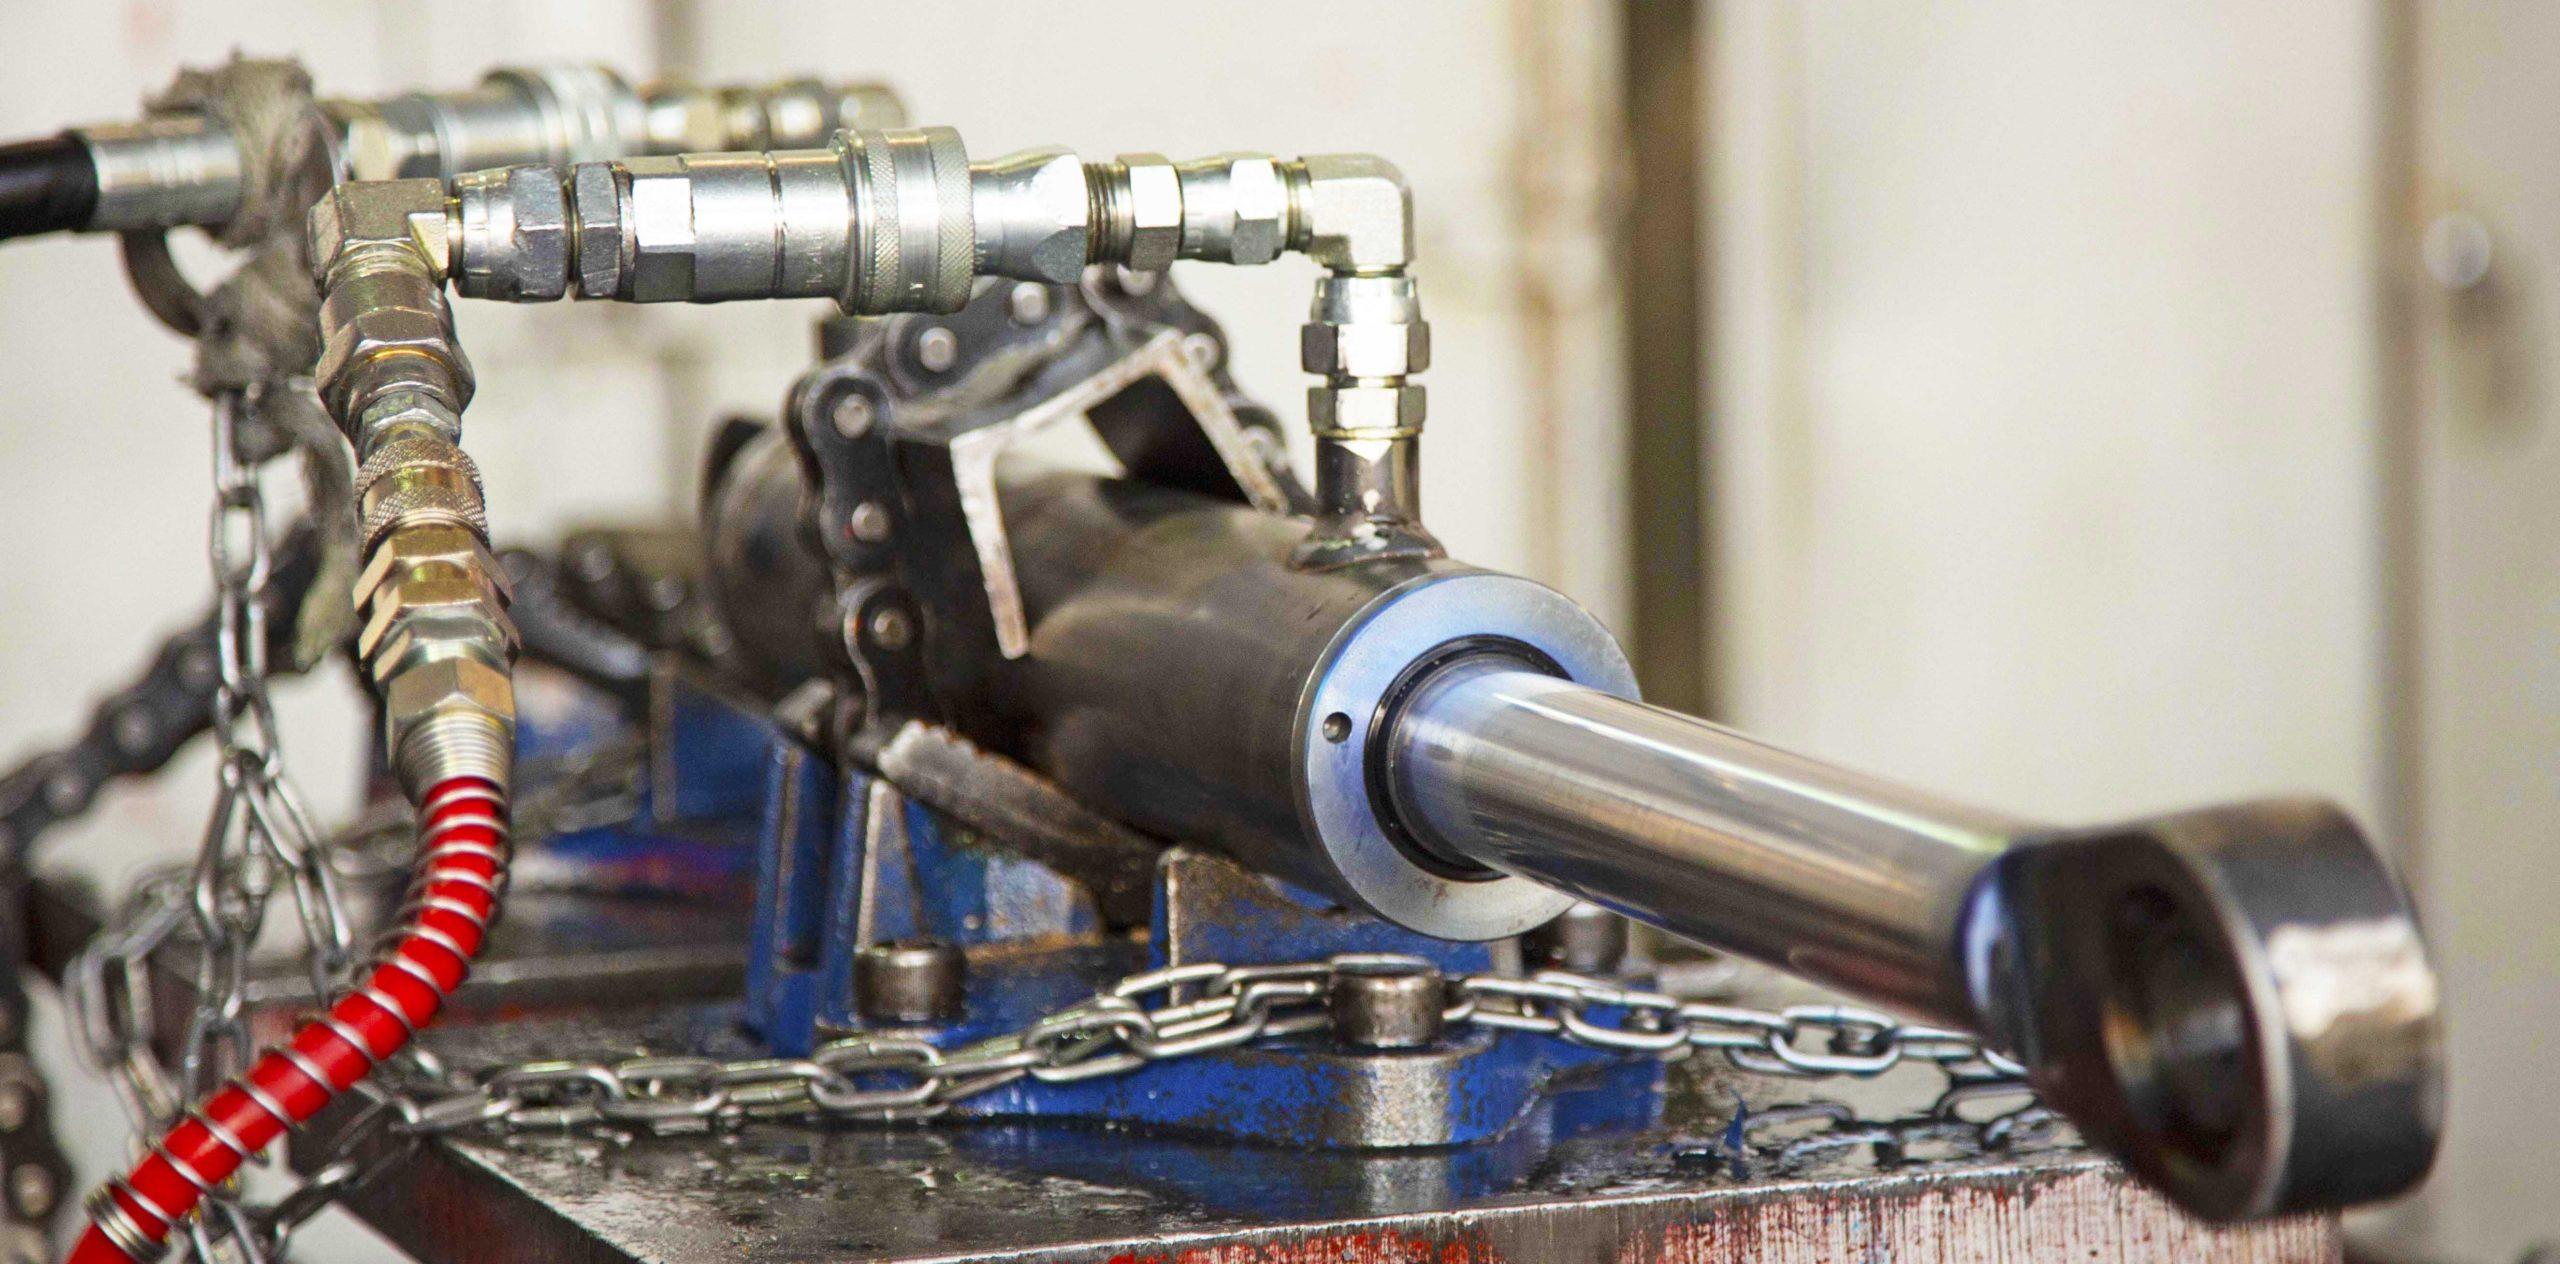 HERS Hydraulic Cylinder Testing